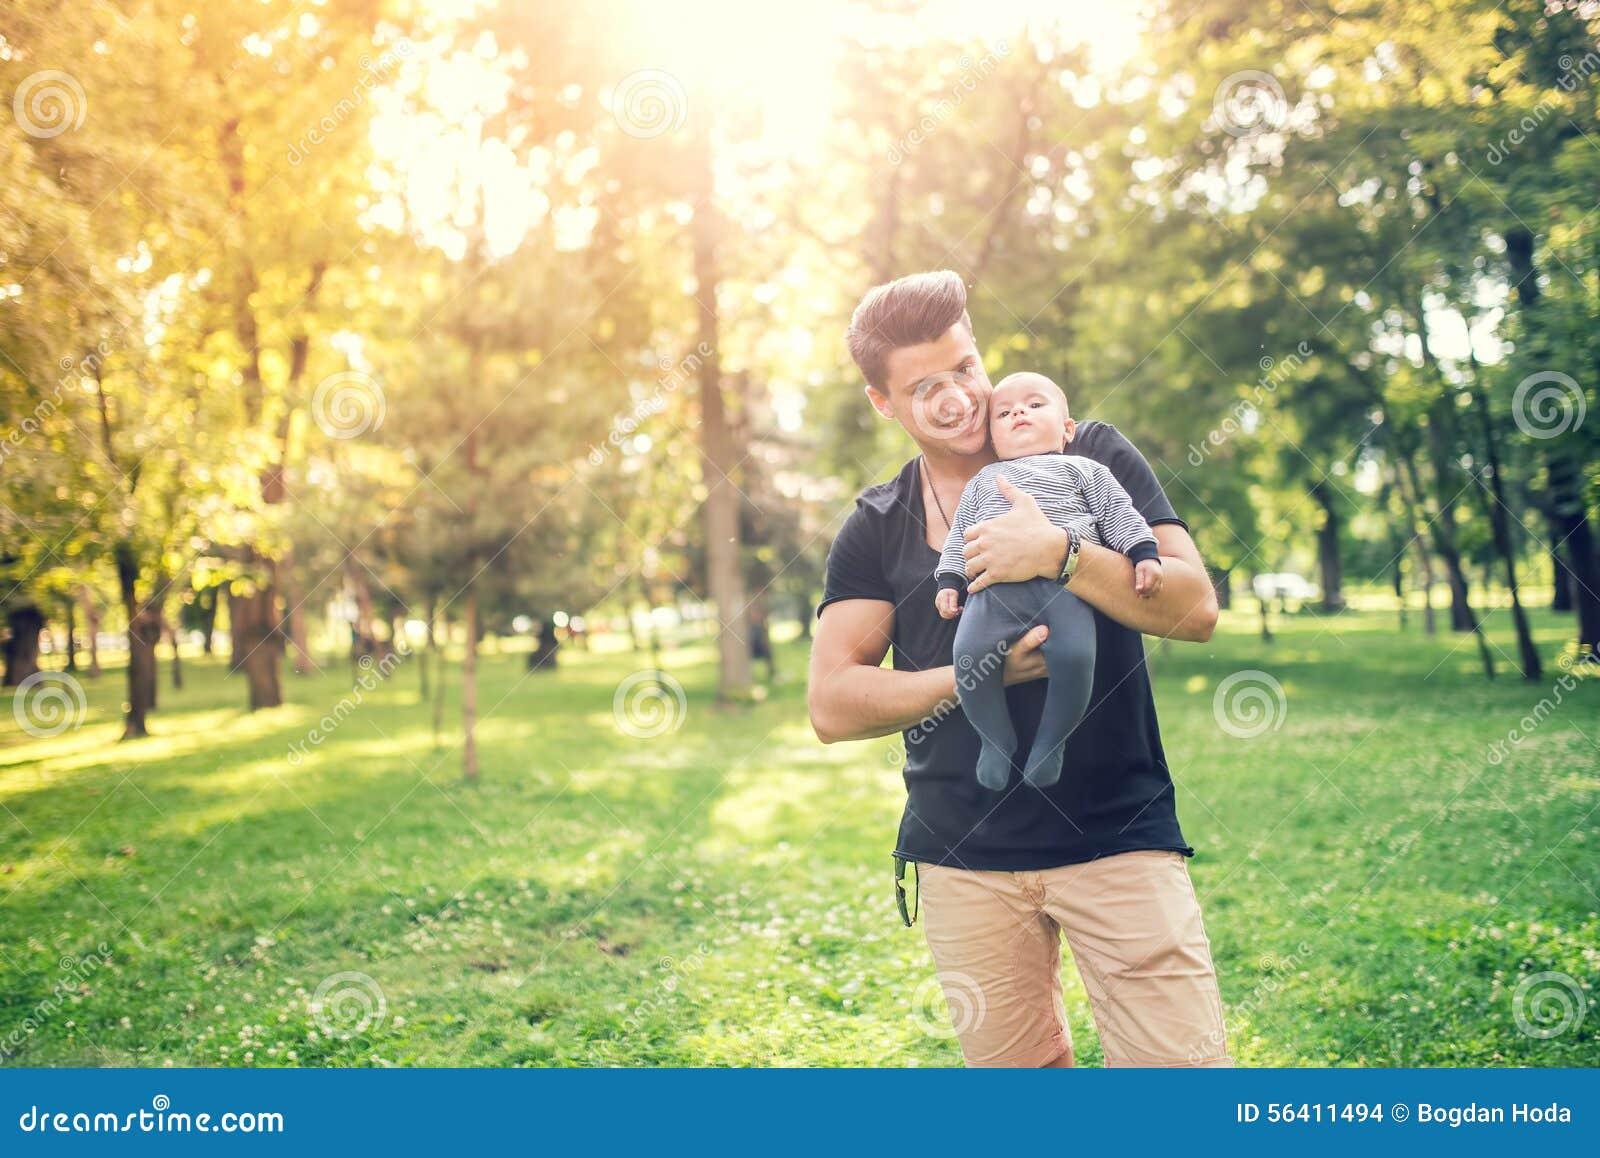 Generi la tenuta del figlio piccolo, ragazzo infantile un giorno soleggiato in parco